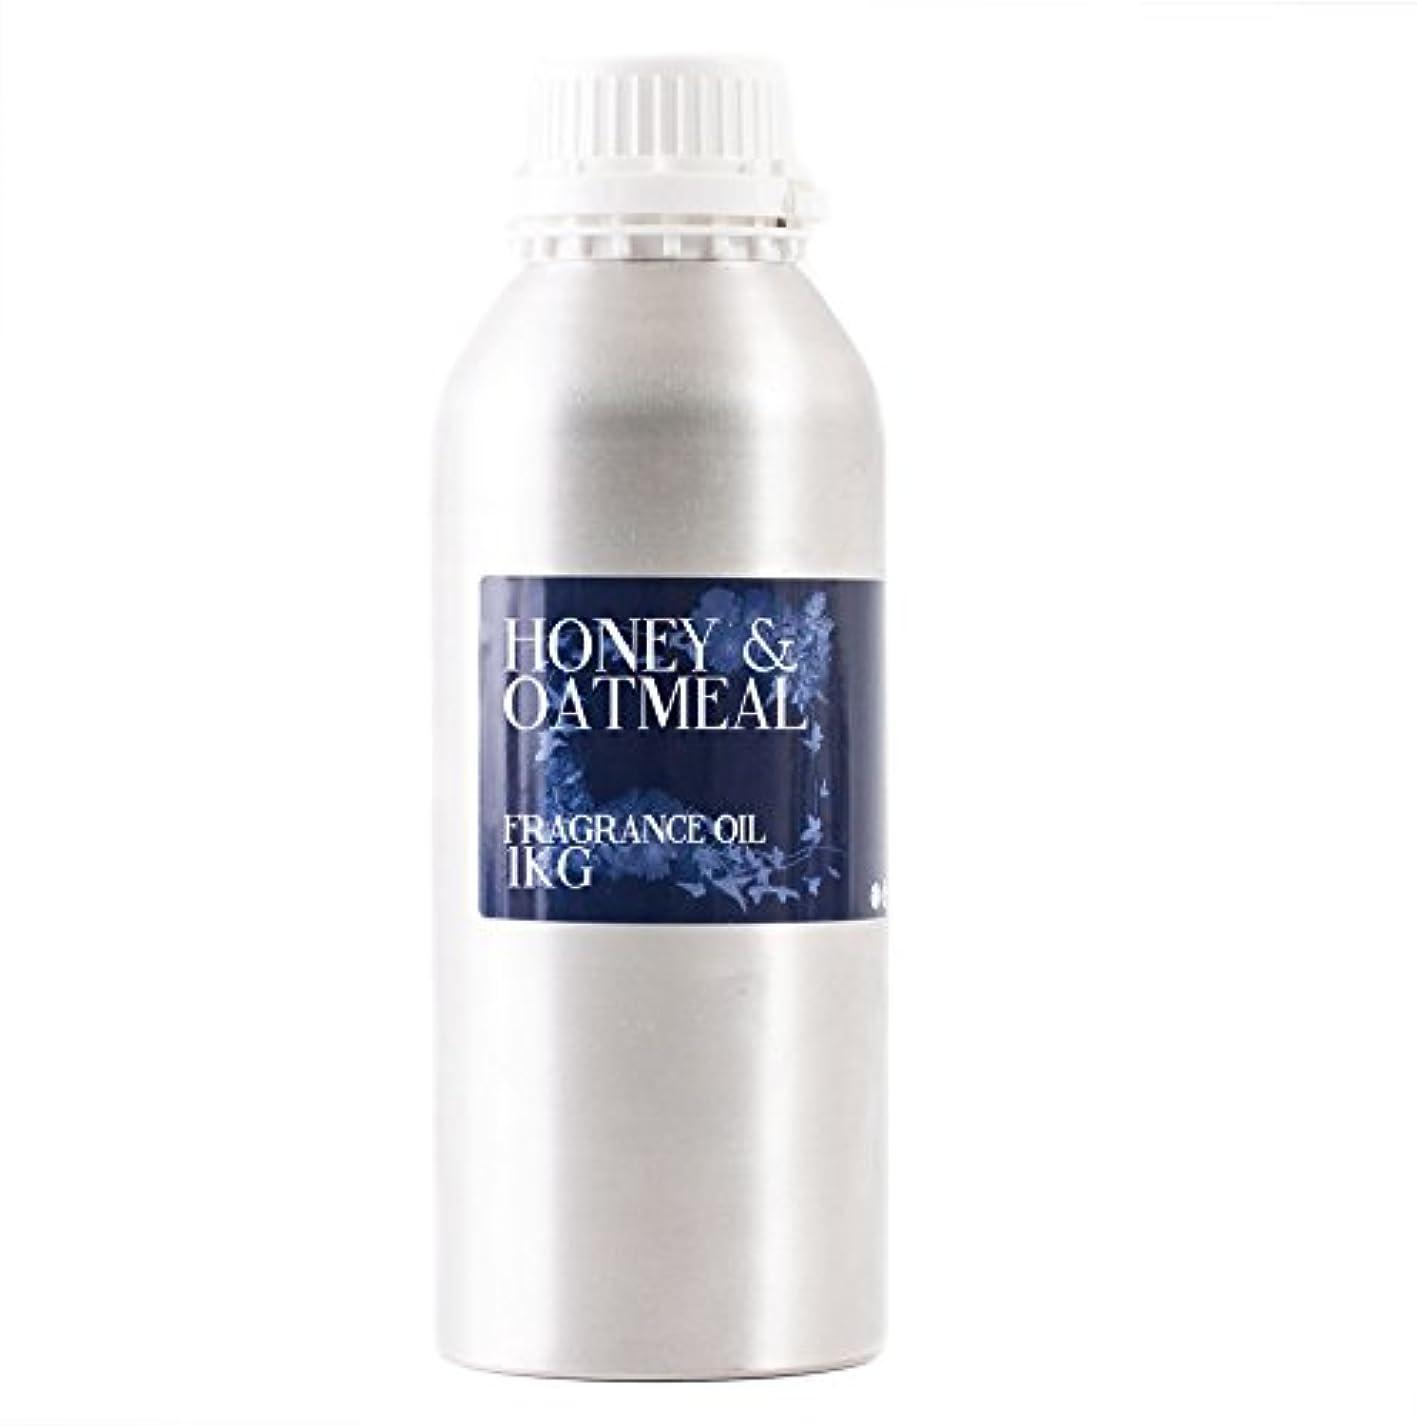 息切れ一目騙すMystic Moments | Honey & Oatmeal Fragrance Oil - 1Kg